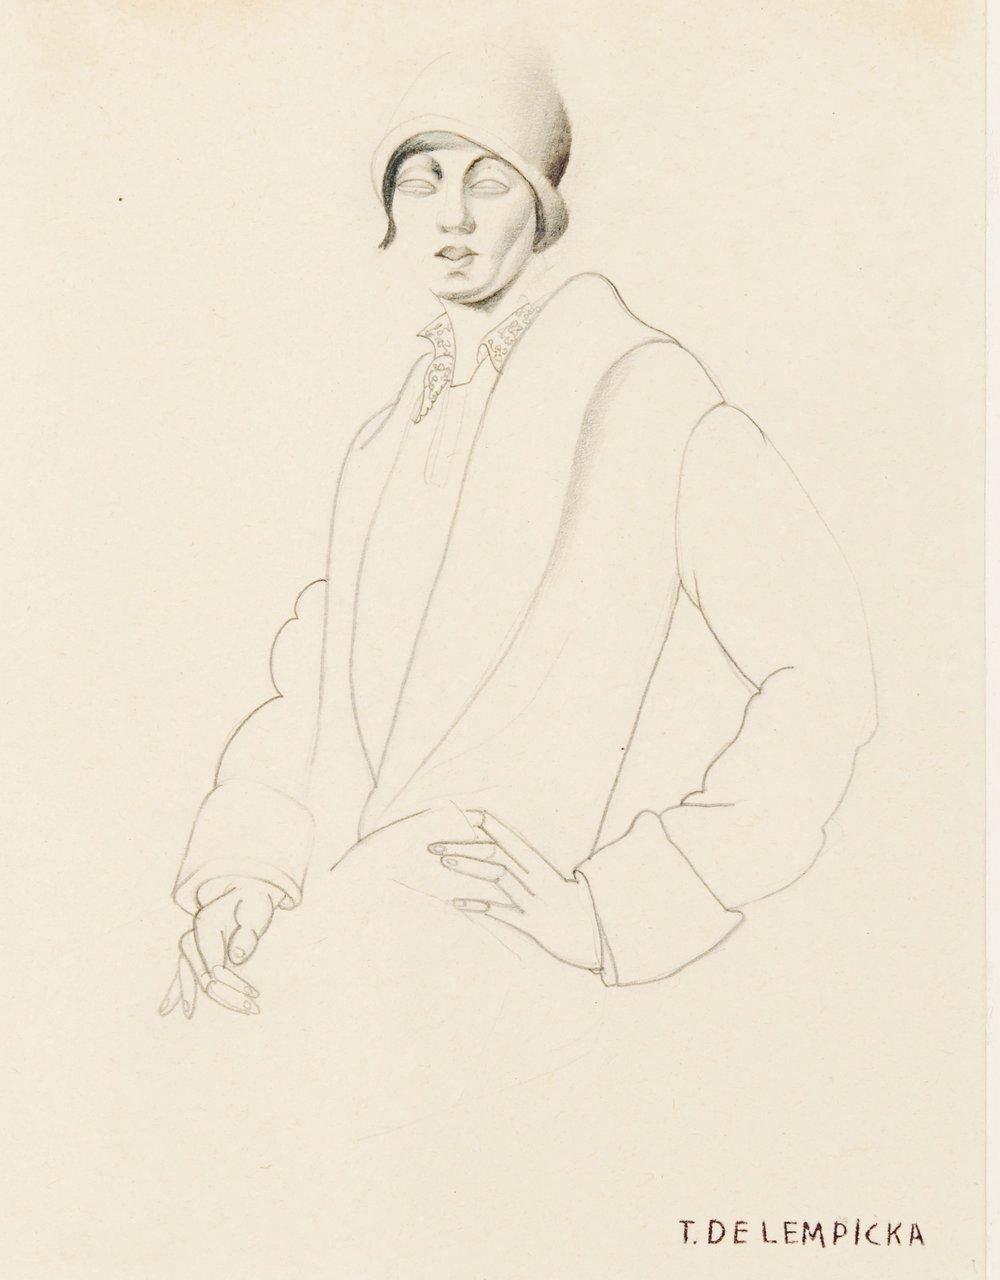 TAMARA DE LEMPICKA (1898 - 1980) Portrait d'une jeune femme au chapeau cloche, circa 1926 Pencil on paper 9 1/4 x 5 5/8 inches